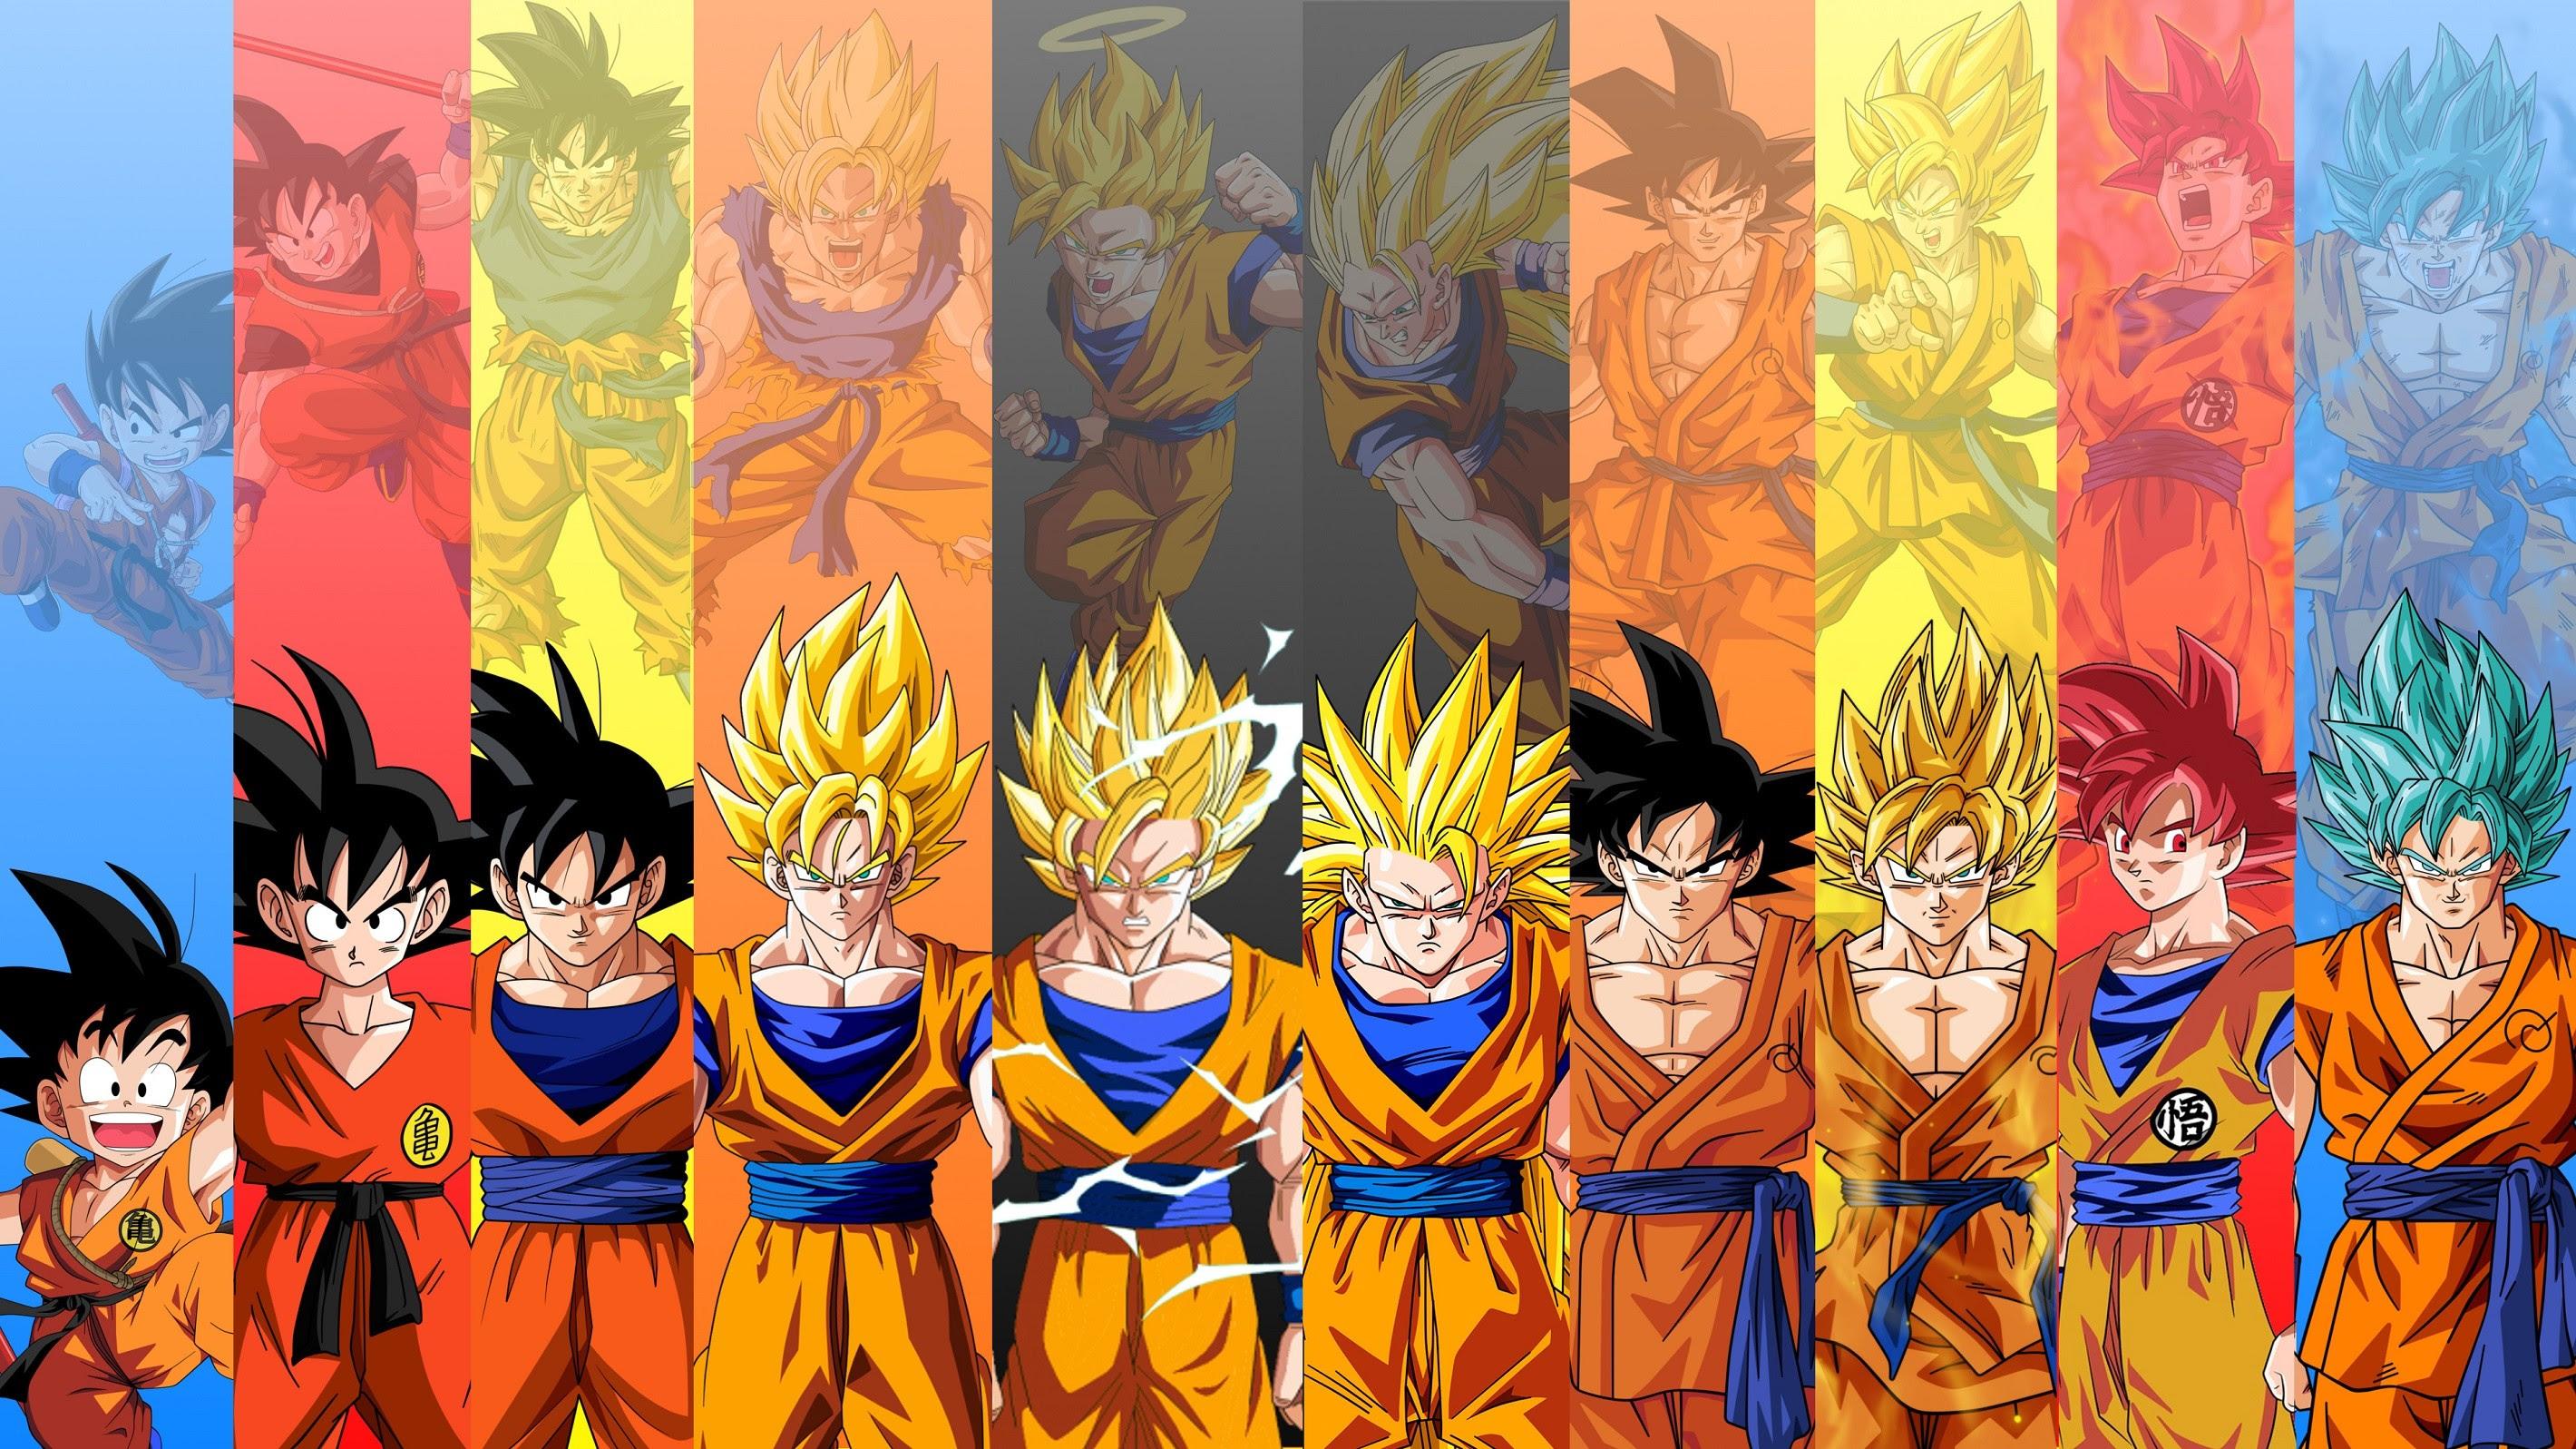 Dragon Ball Super Wallpaper Hd 53 Images